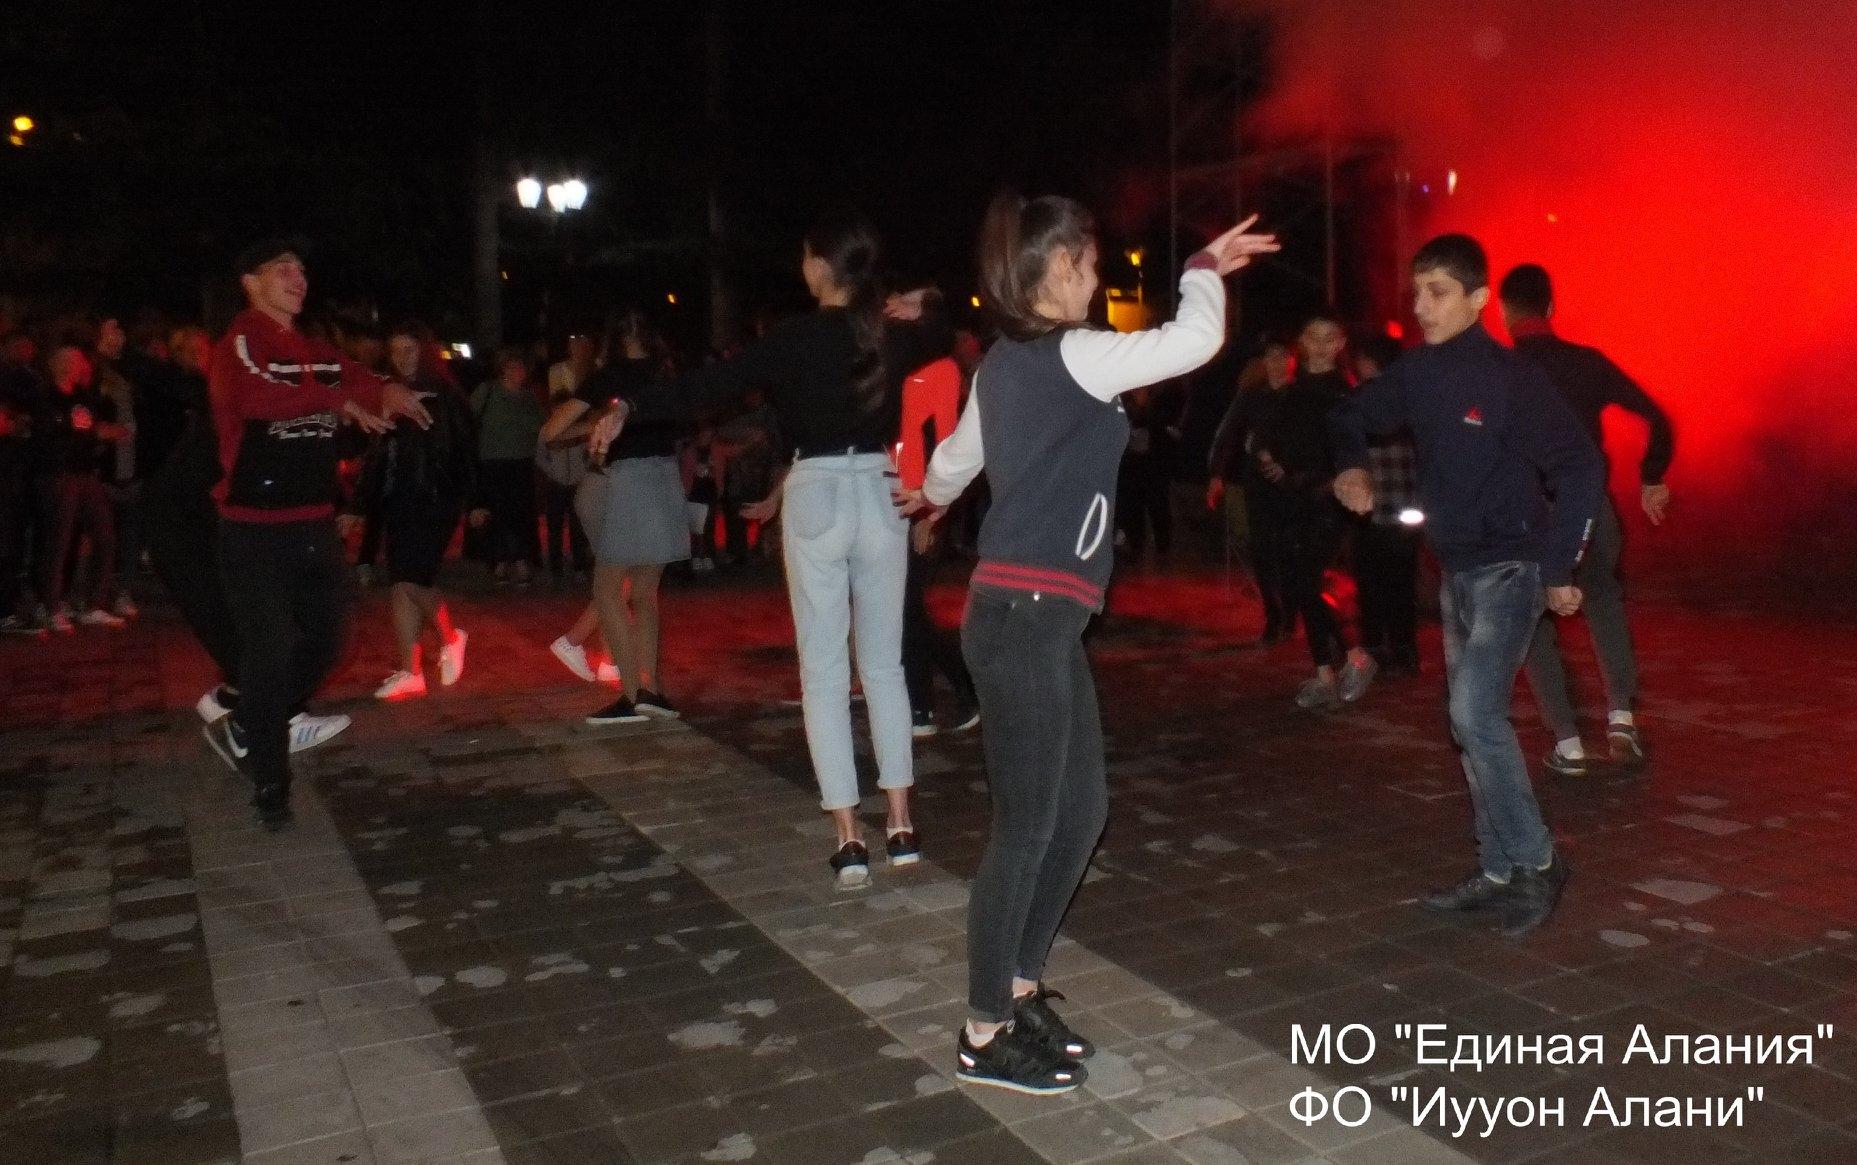 Молодежь Алании отпраздновала сразу два праздника на Театральной площади столицы